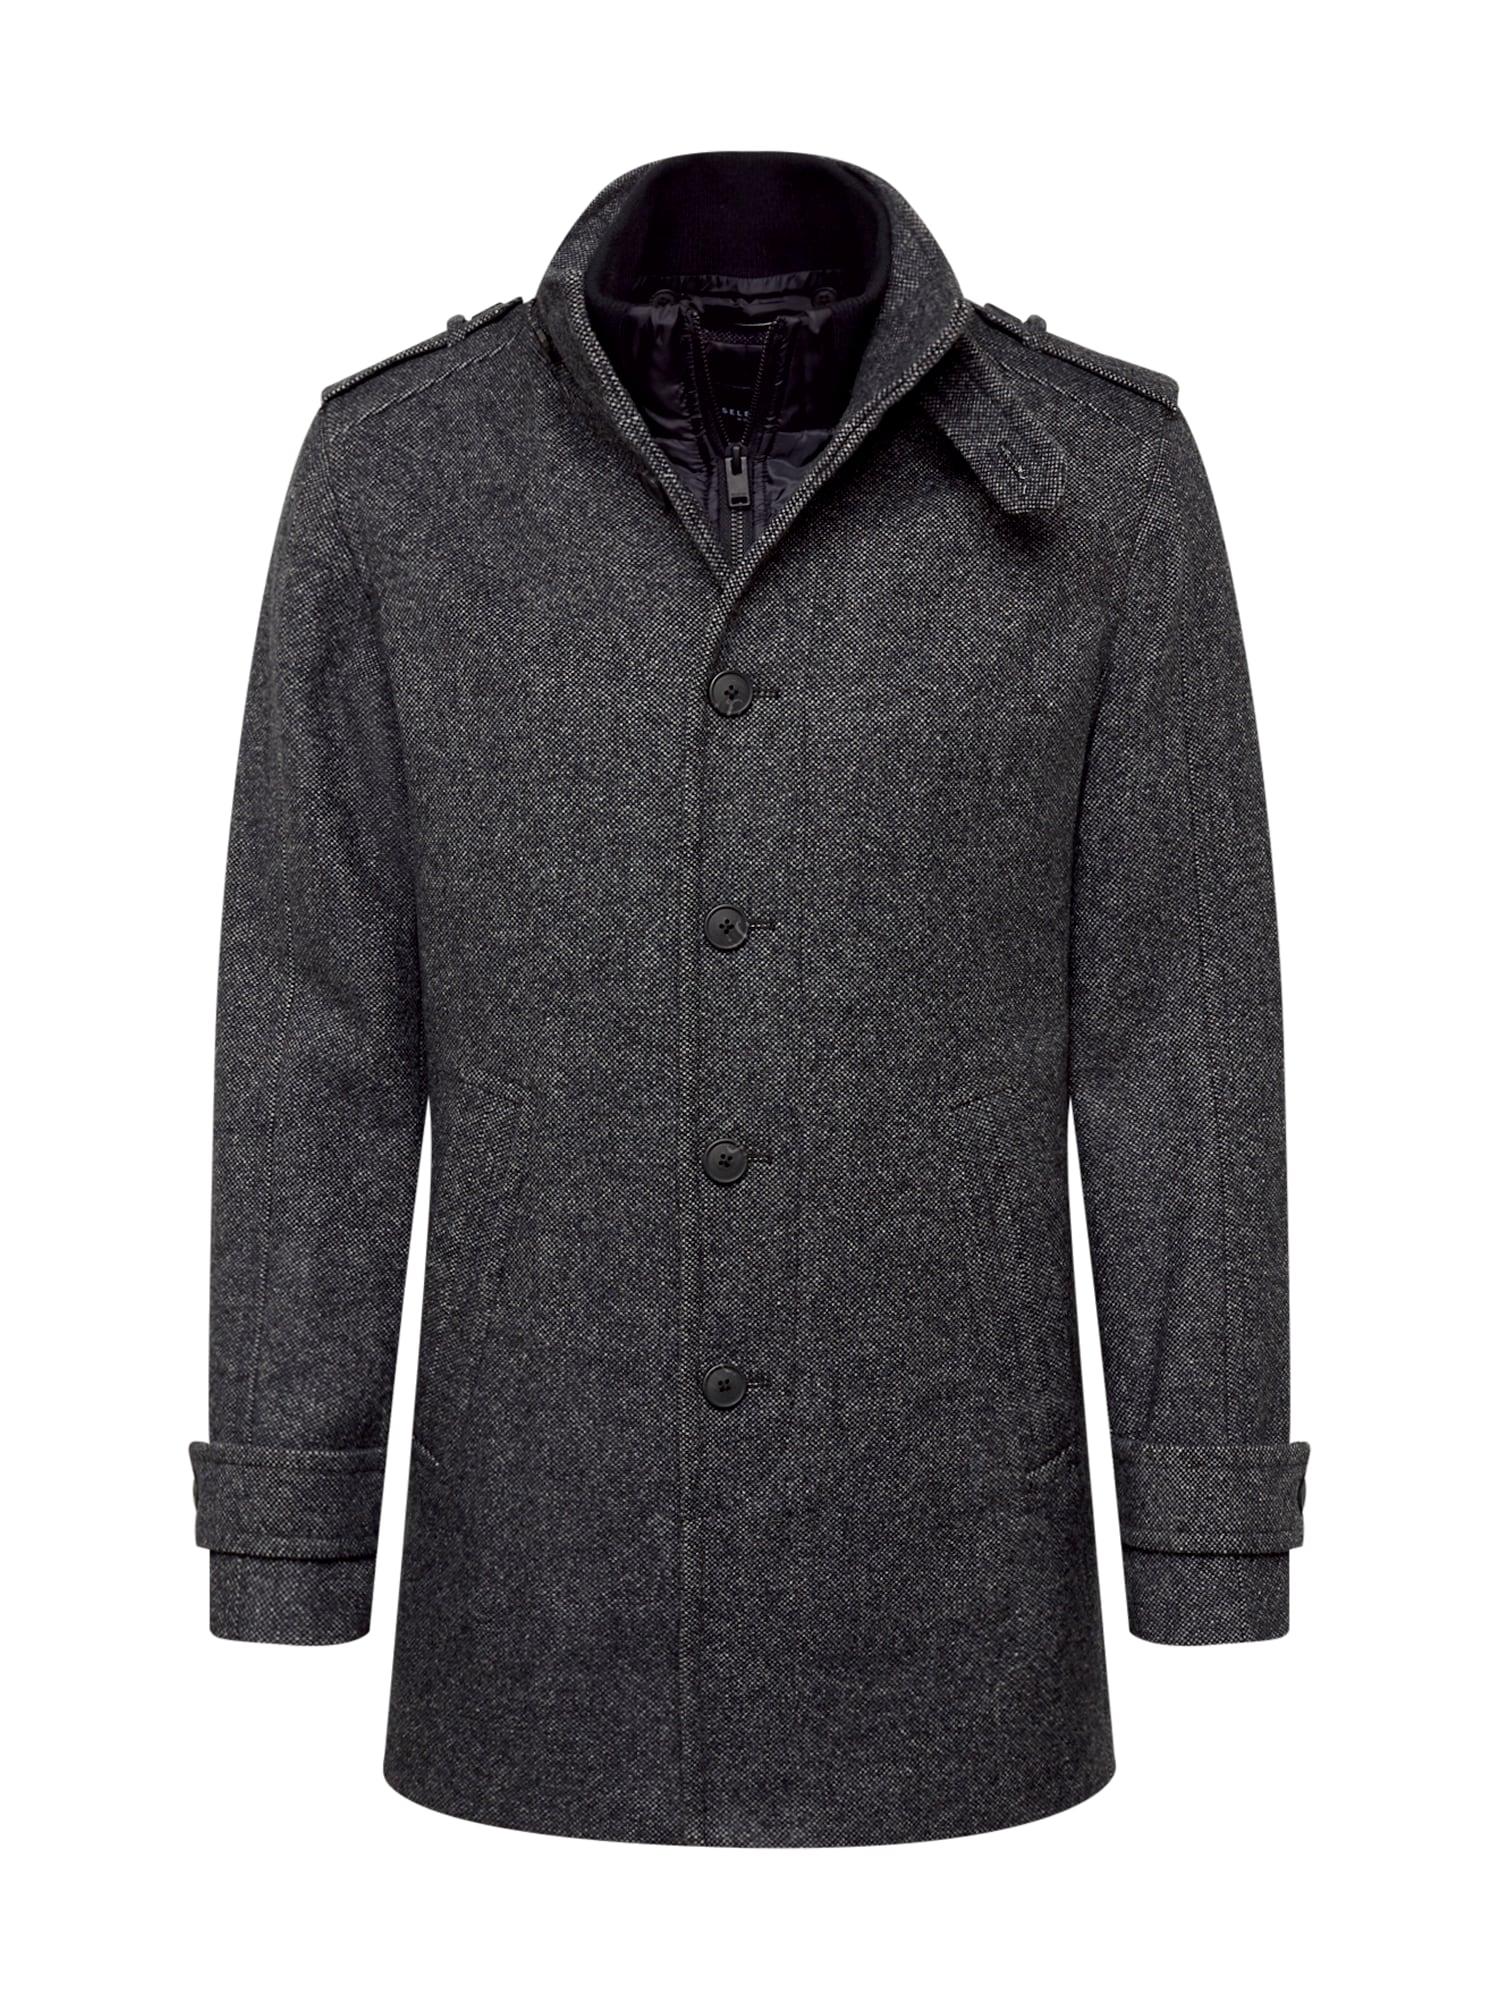 SELECTED HOMME Rudeninis-žieminis paltas tamsiai pilka